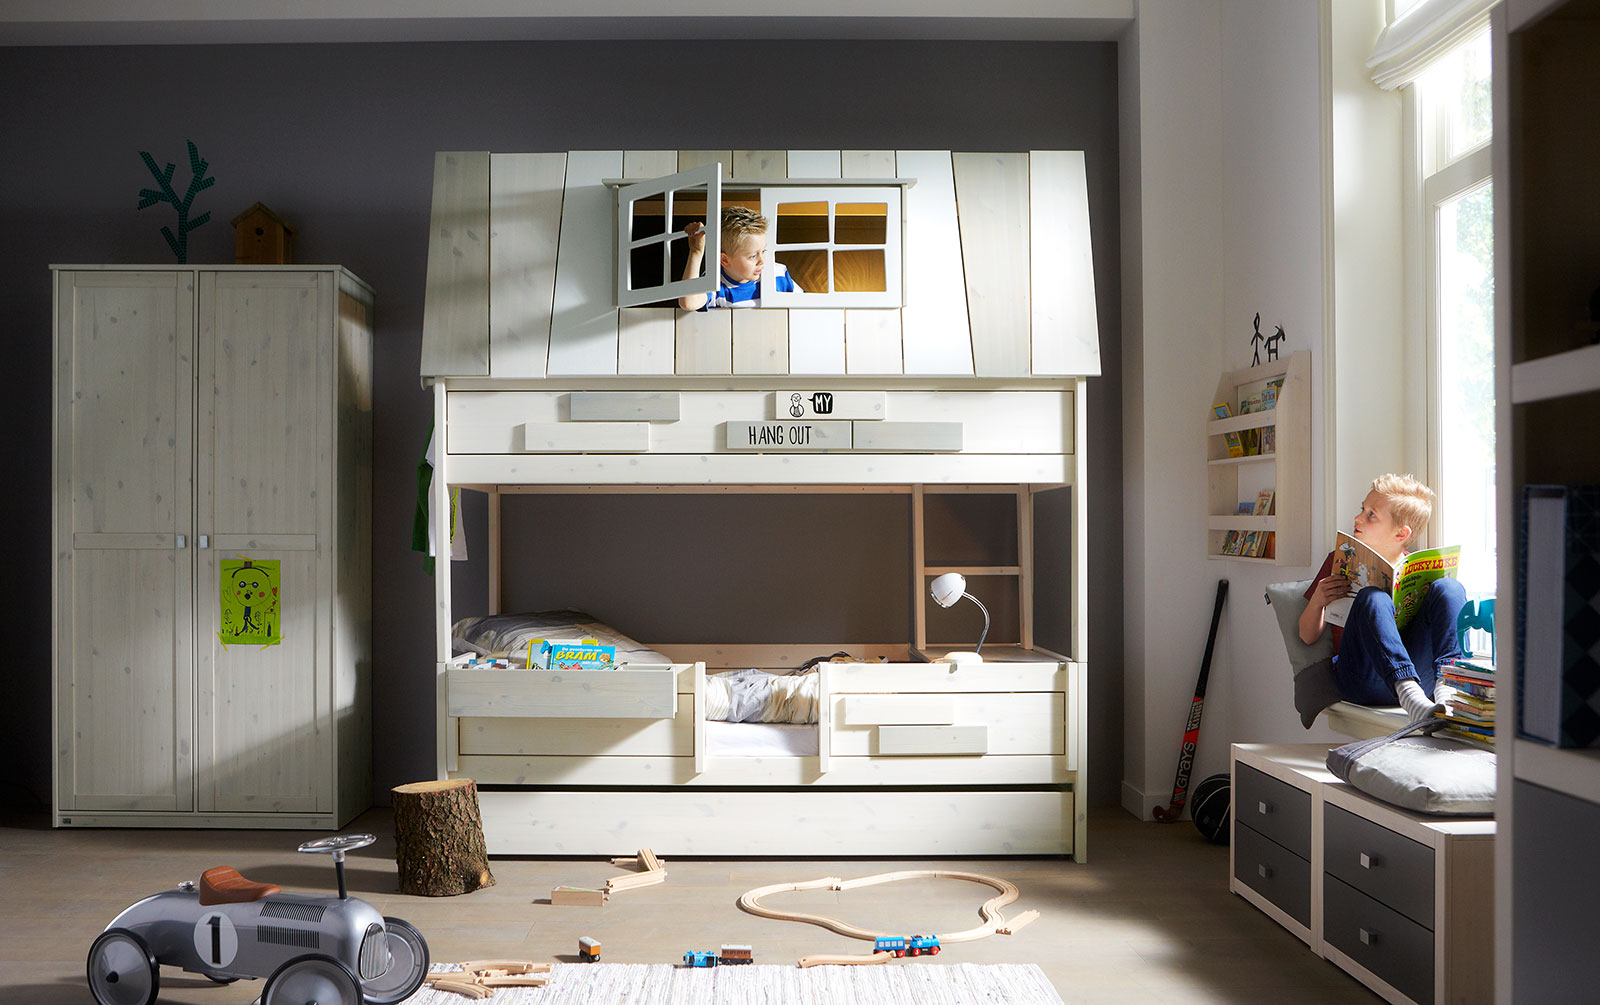 Abenteuer und Etagenbett Villa von Lifetime mit Leiter innen und Schlafplatz unten